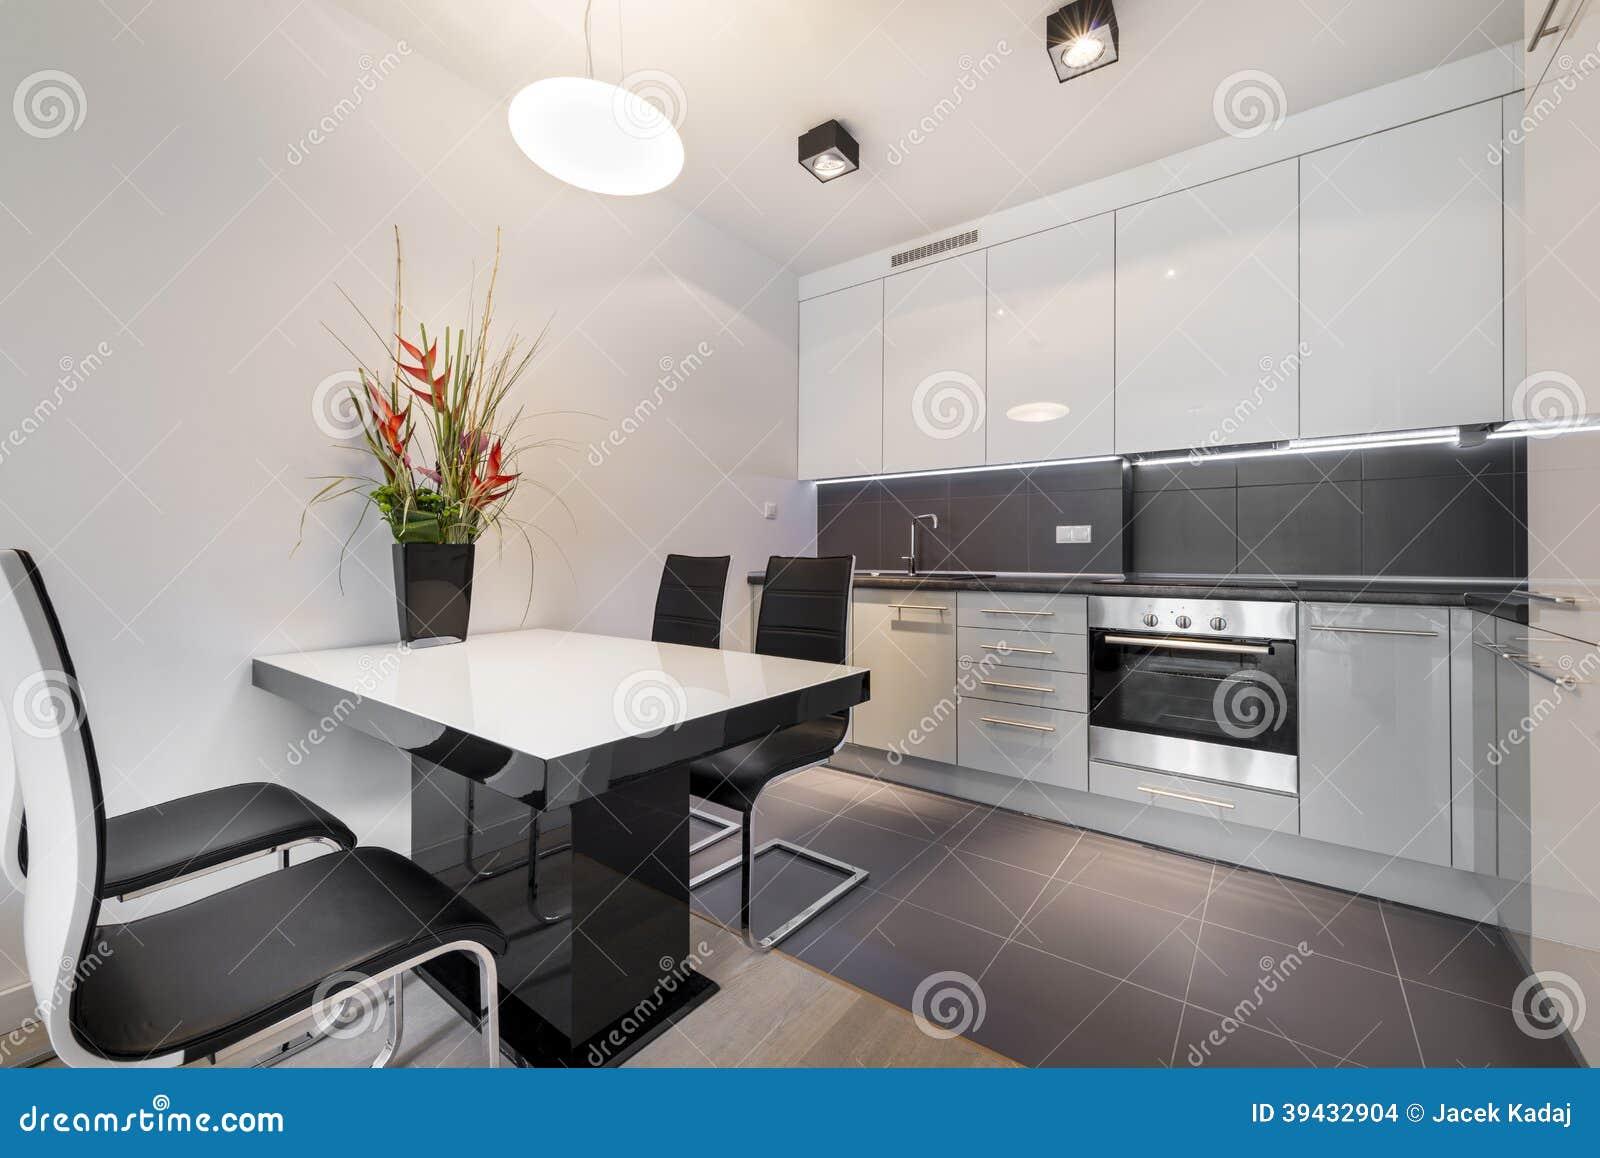 moderne keuken met grijze tegelvloer stock foto afbeelding 39432904